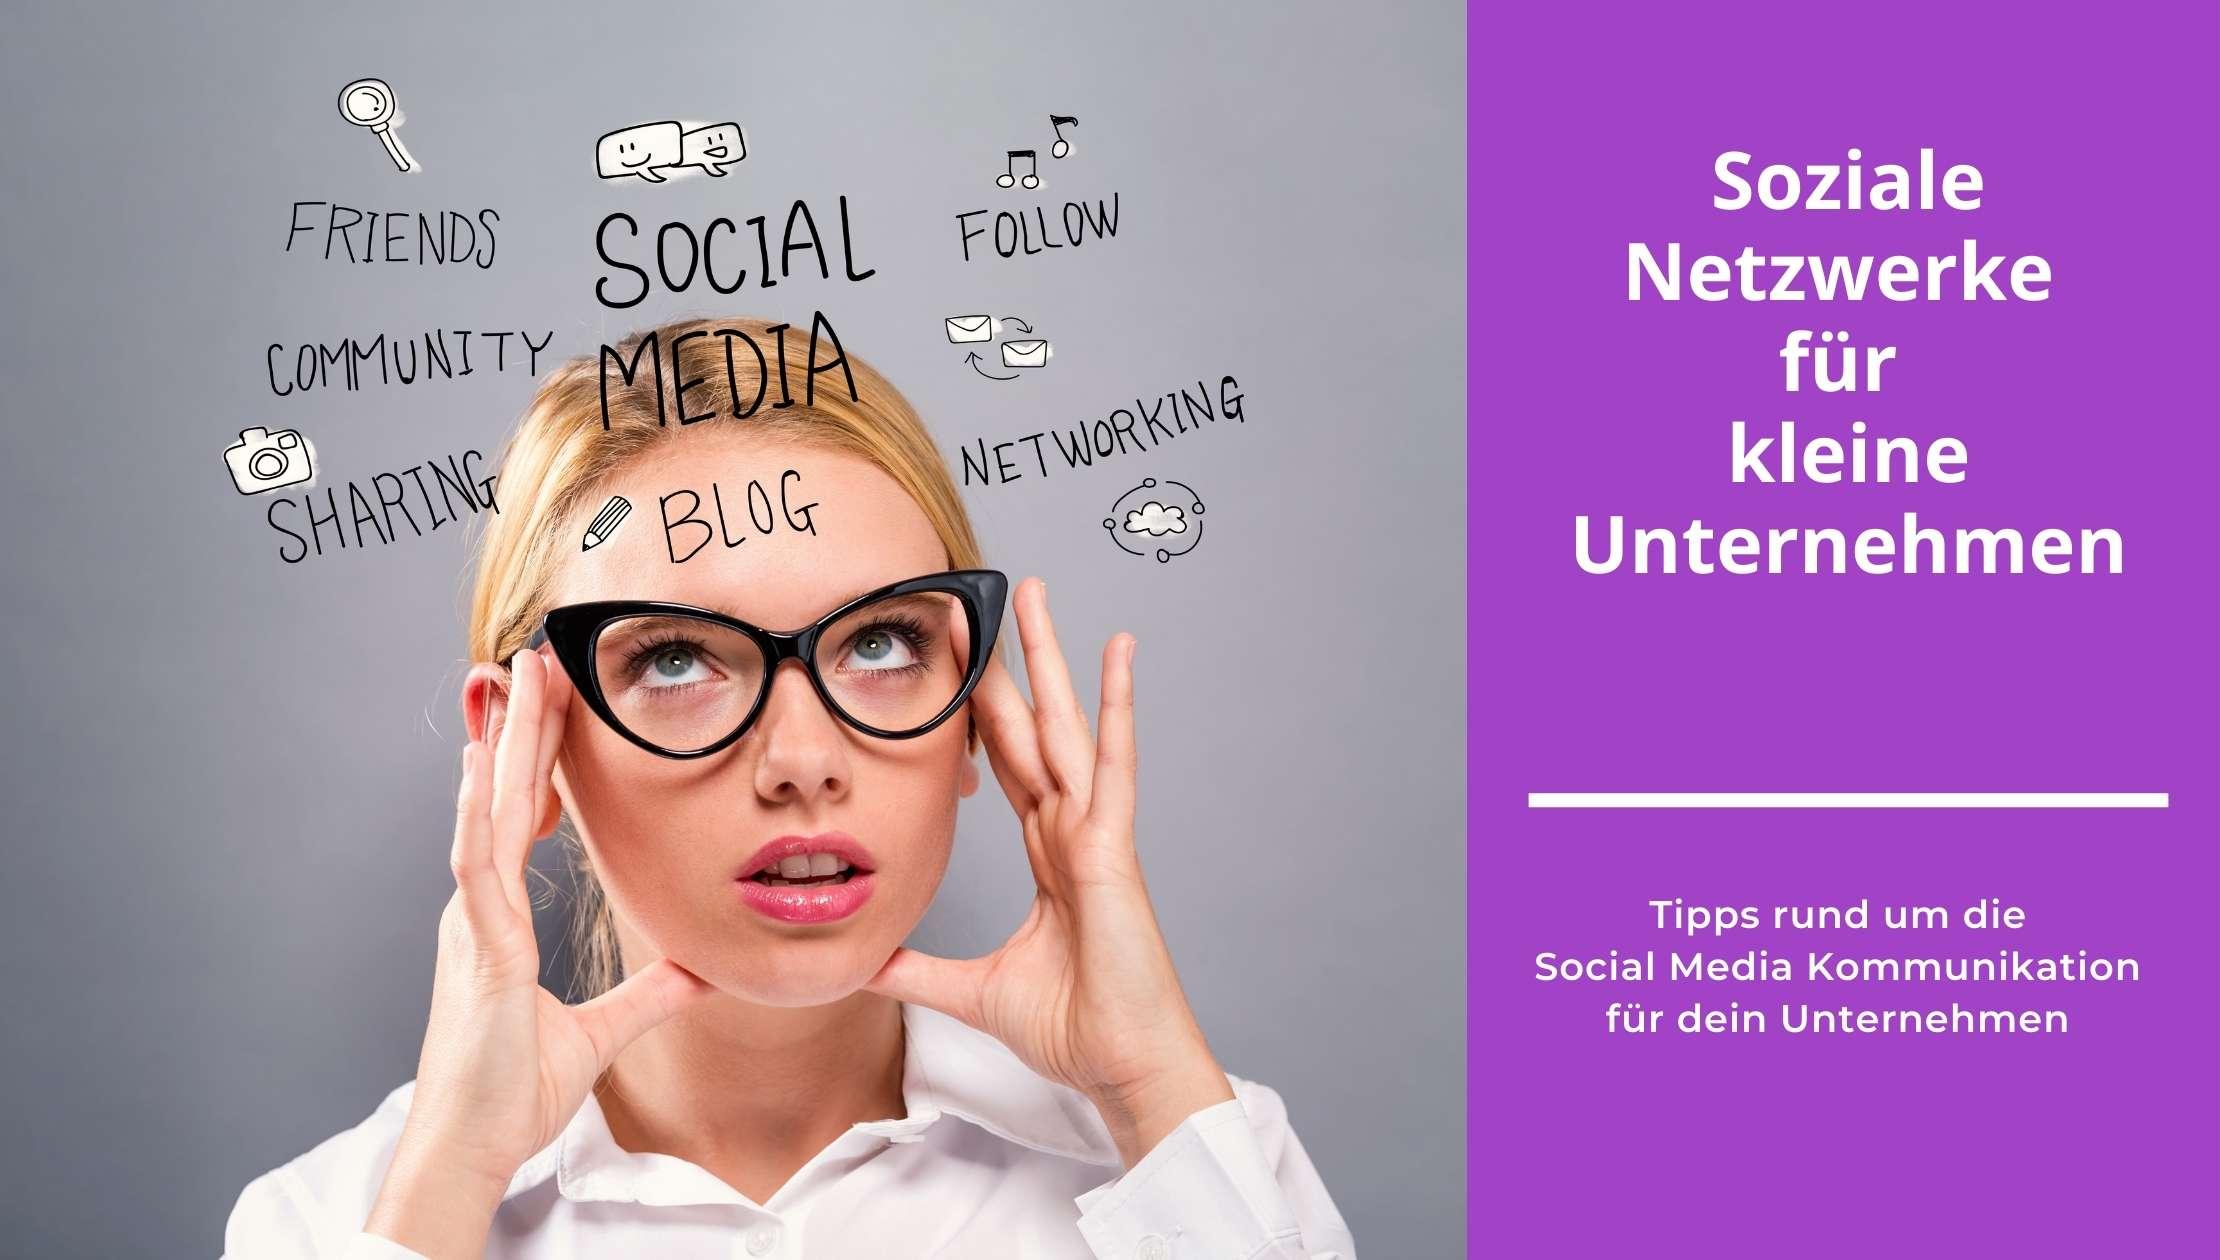 office-oja: Soziale Netzwerke für kleine Unternehmen (Bloggrafik)